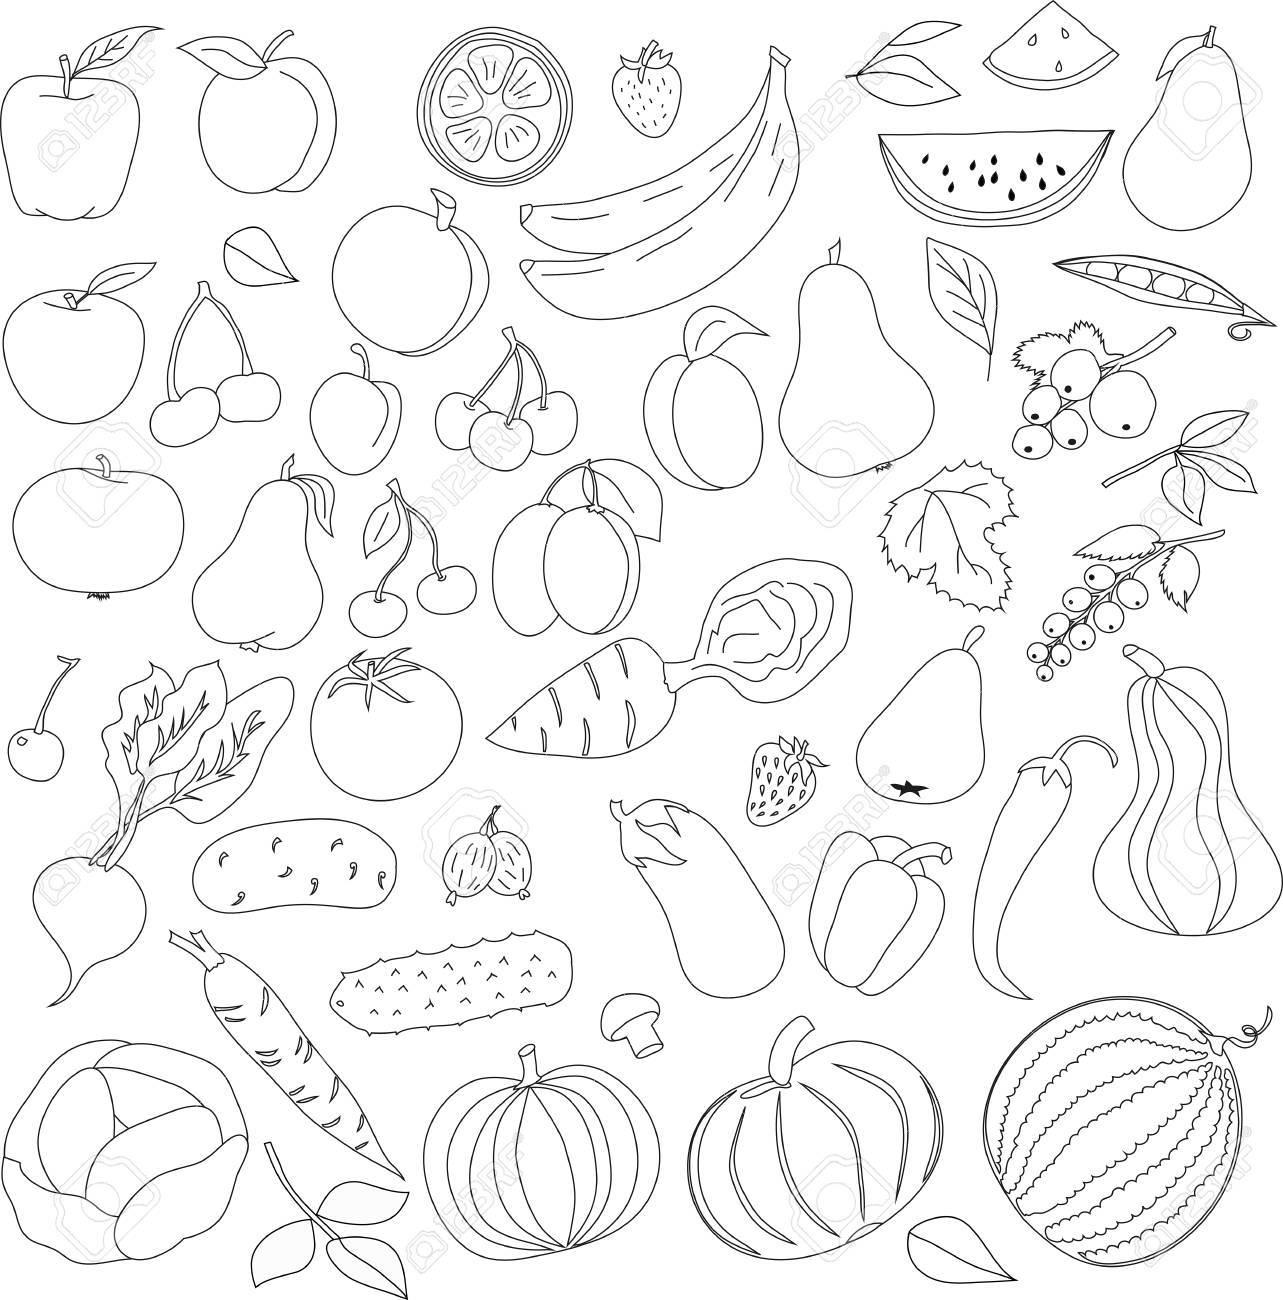 Lápiz Modelo De Las Frutas Y Hortalizas Iconos Modelo Con Las Líneas Negras Sobre Un Fondo Blanco Modelo De Libro Para Colorear